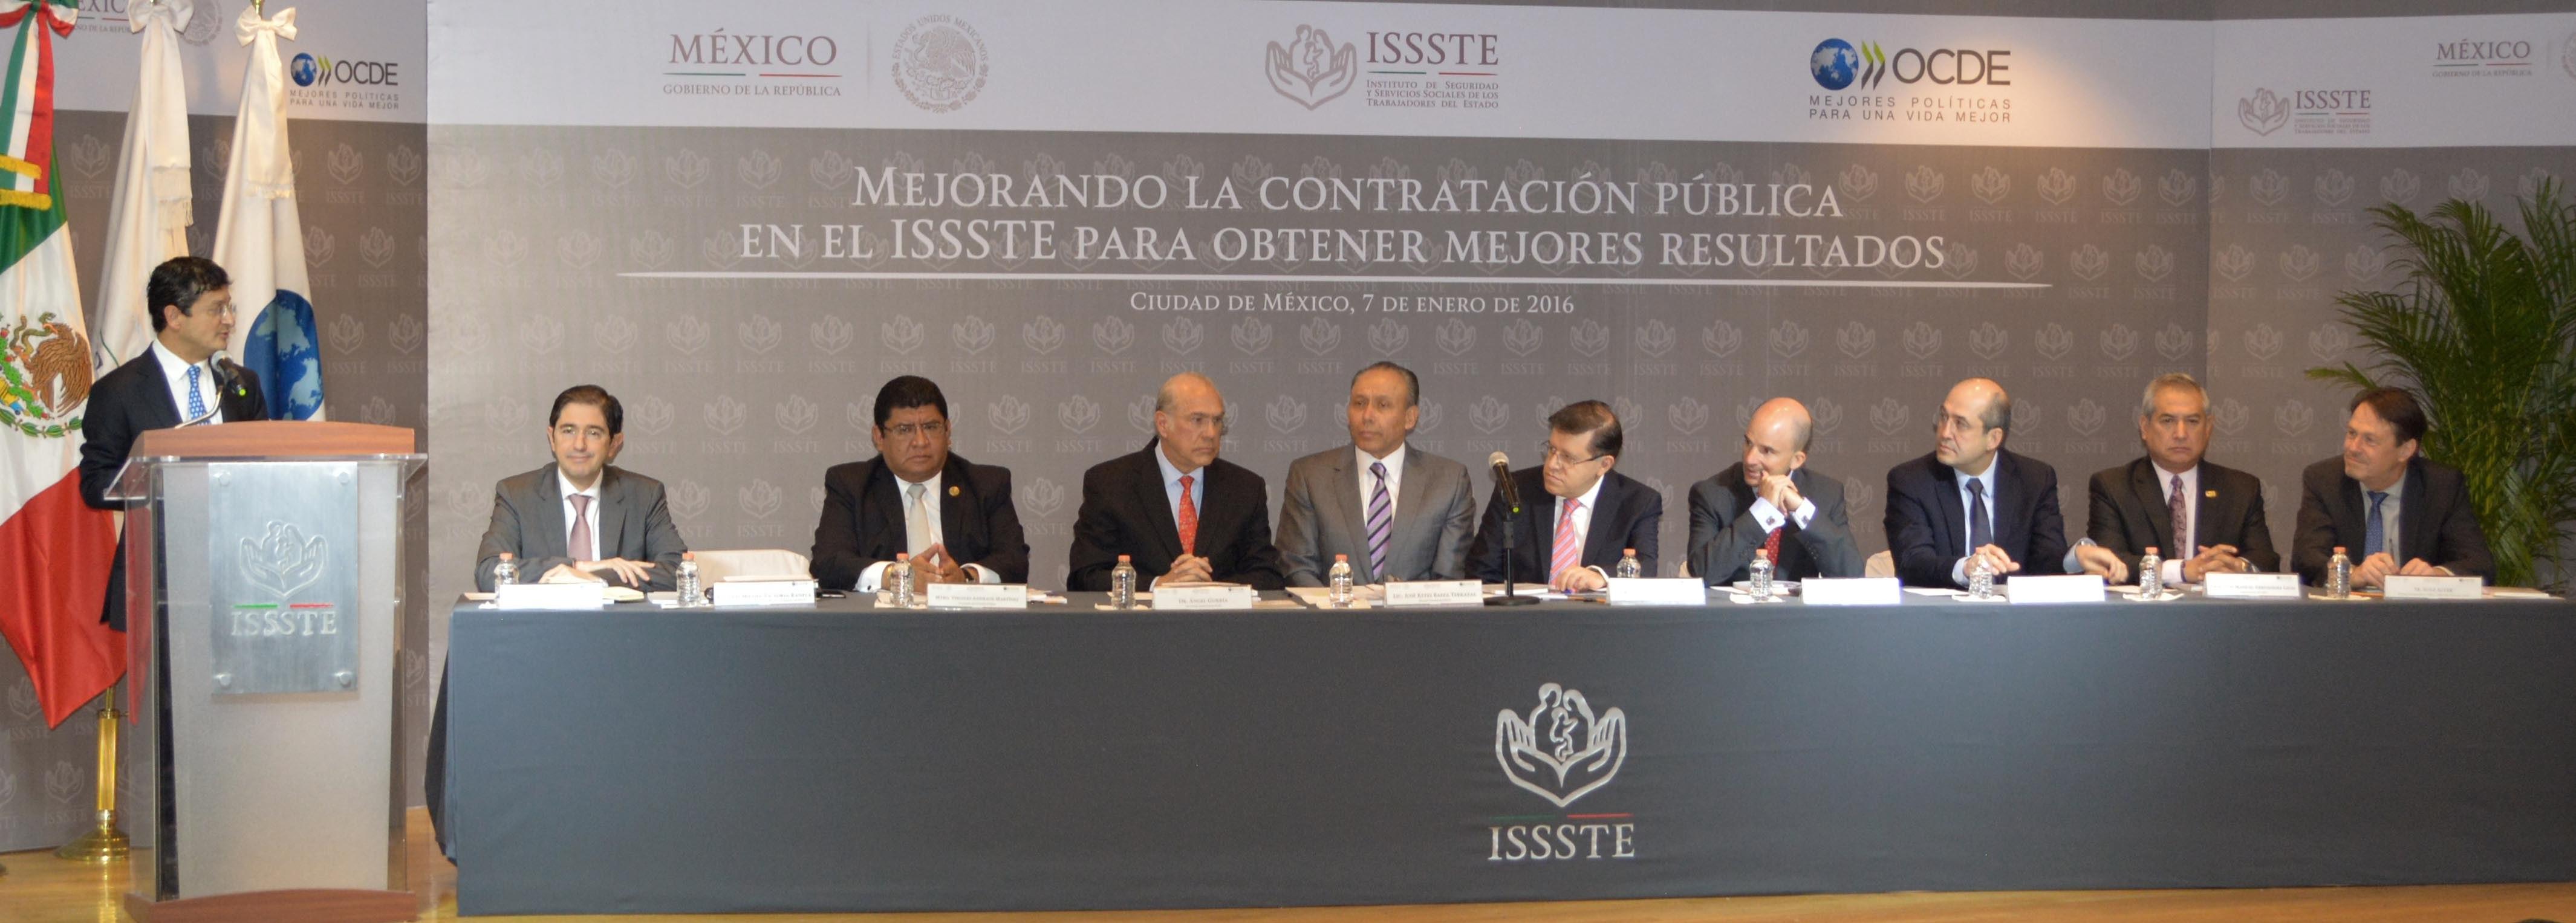 """El Secretario de la Función Pública, presente en el evento: """"Mejorando la Contratación Pública en el @ISSSTE_mx para obtener mejores resultados""""."""